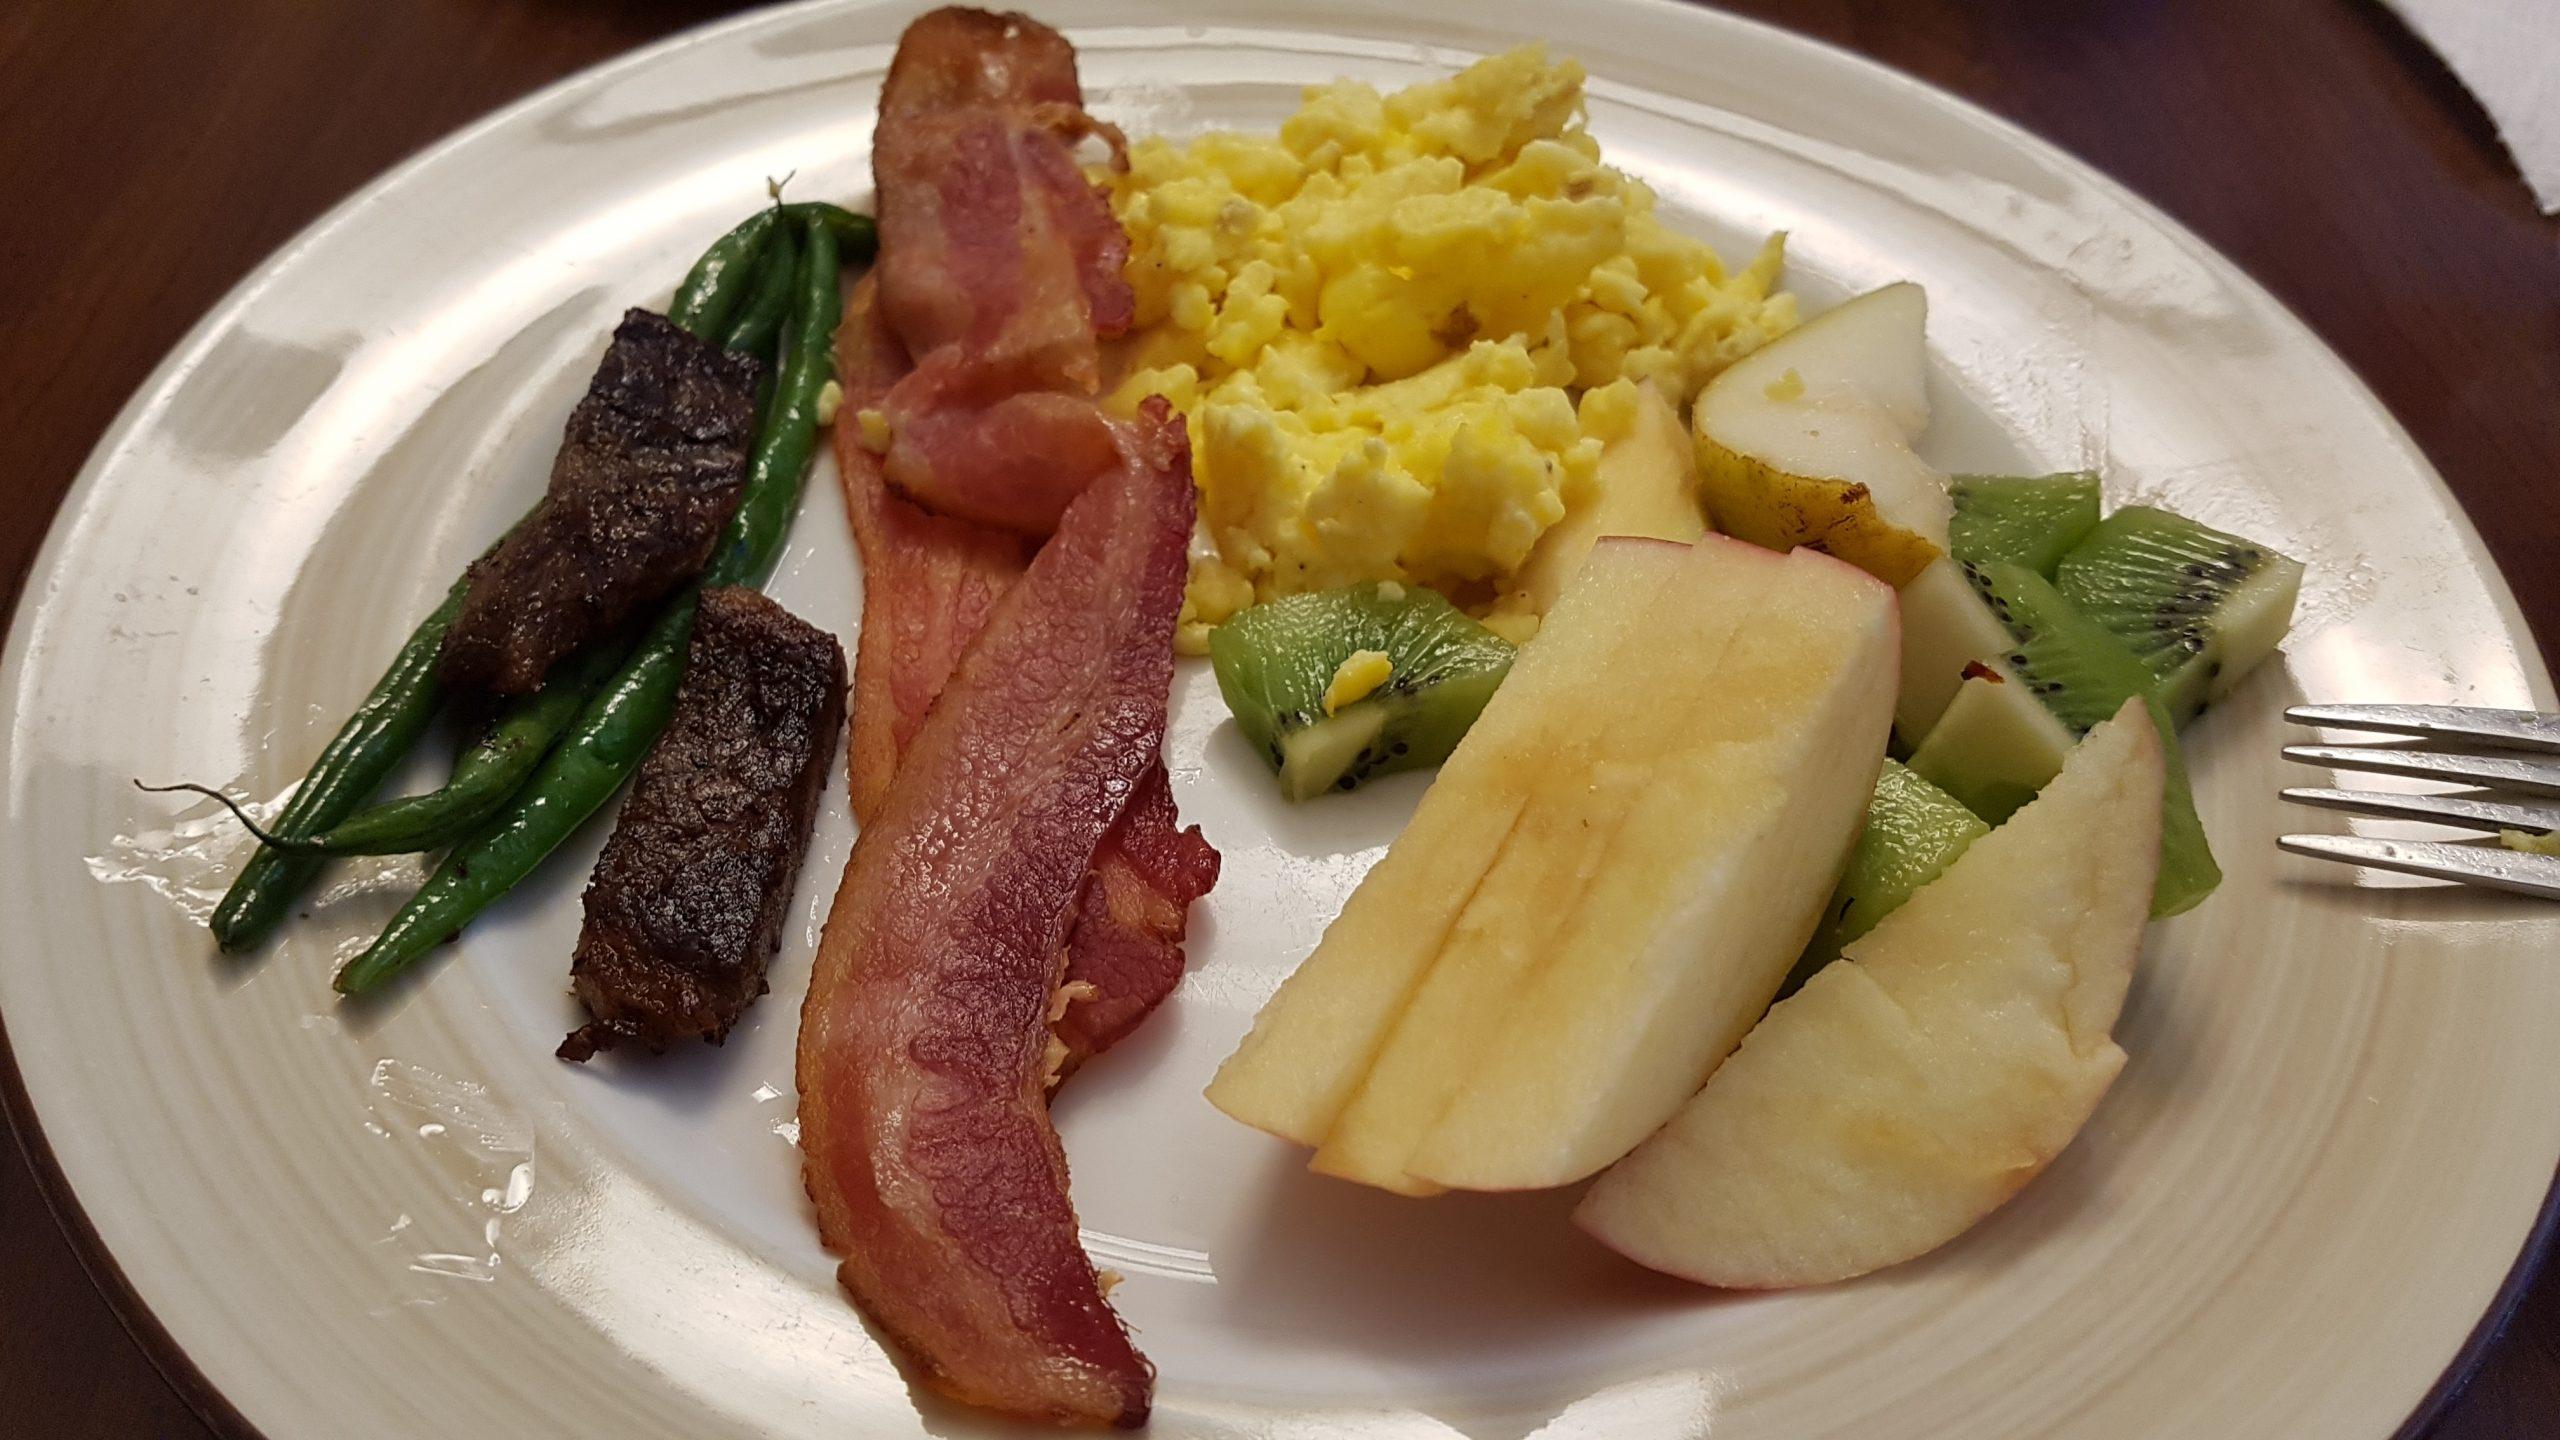 Sunday Breakfast at Deerhurst Resort